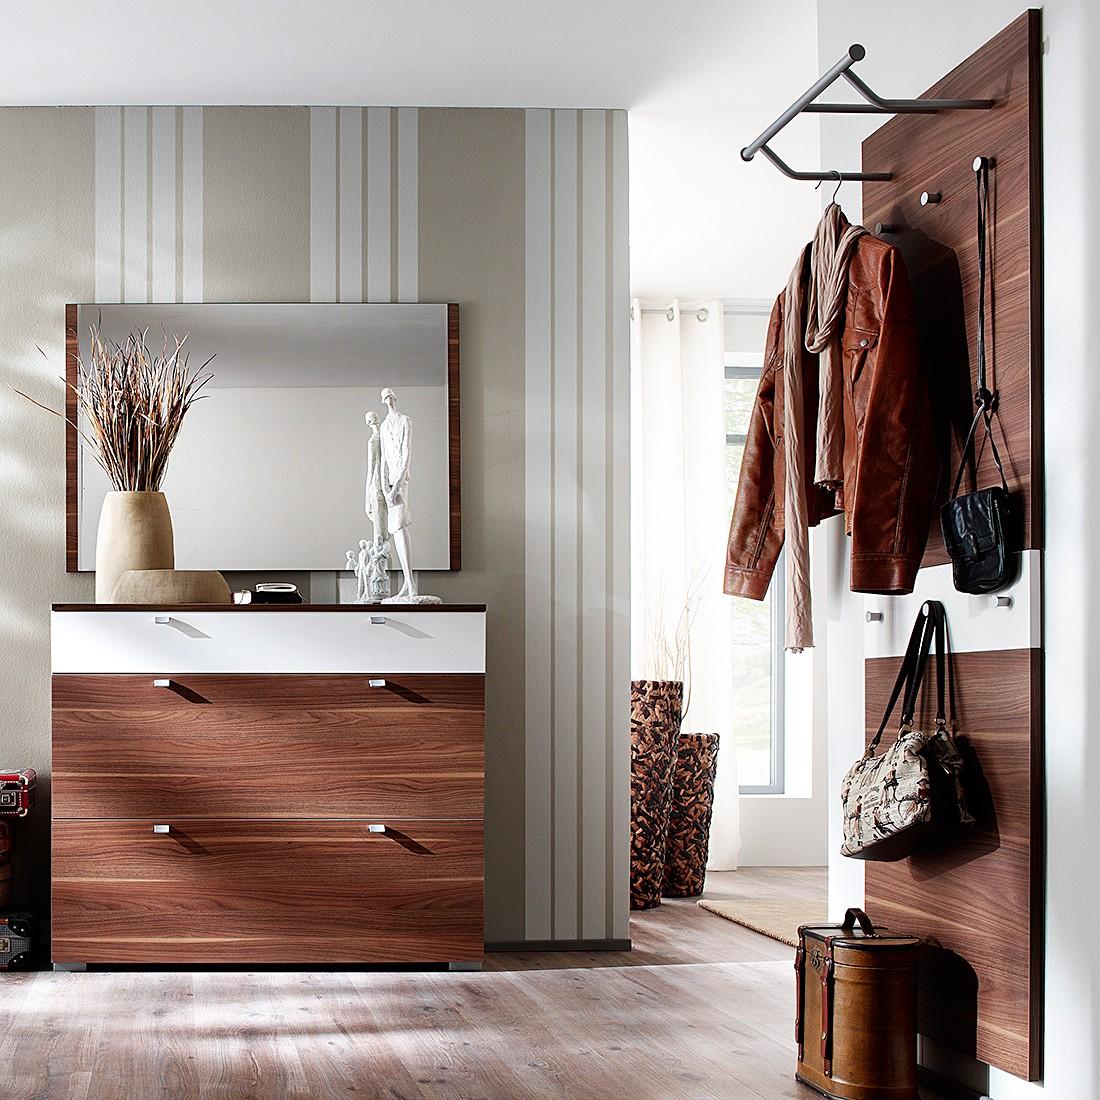 Garderobenset Buono III (3-teilig) – Nussbaum/Hochglanz Weiß, Wittenbreder online kaufen